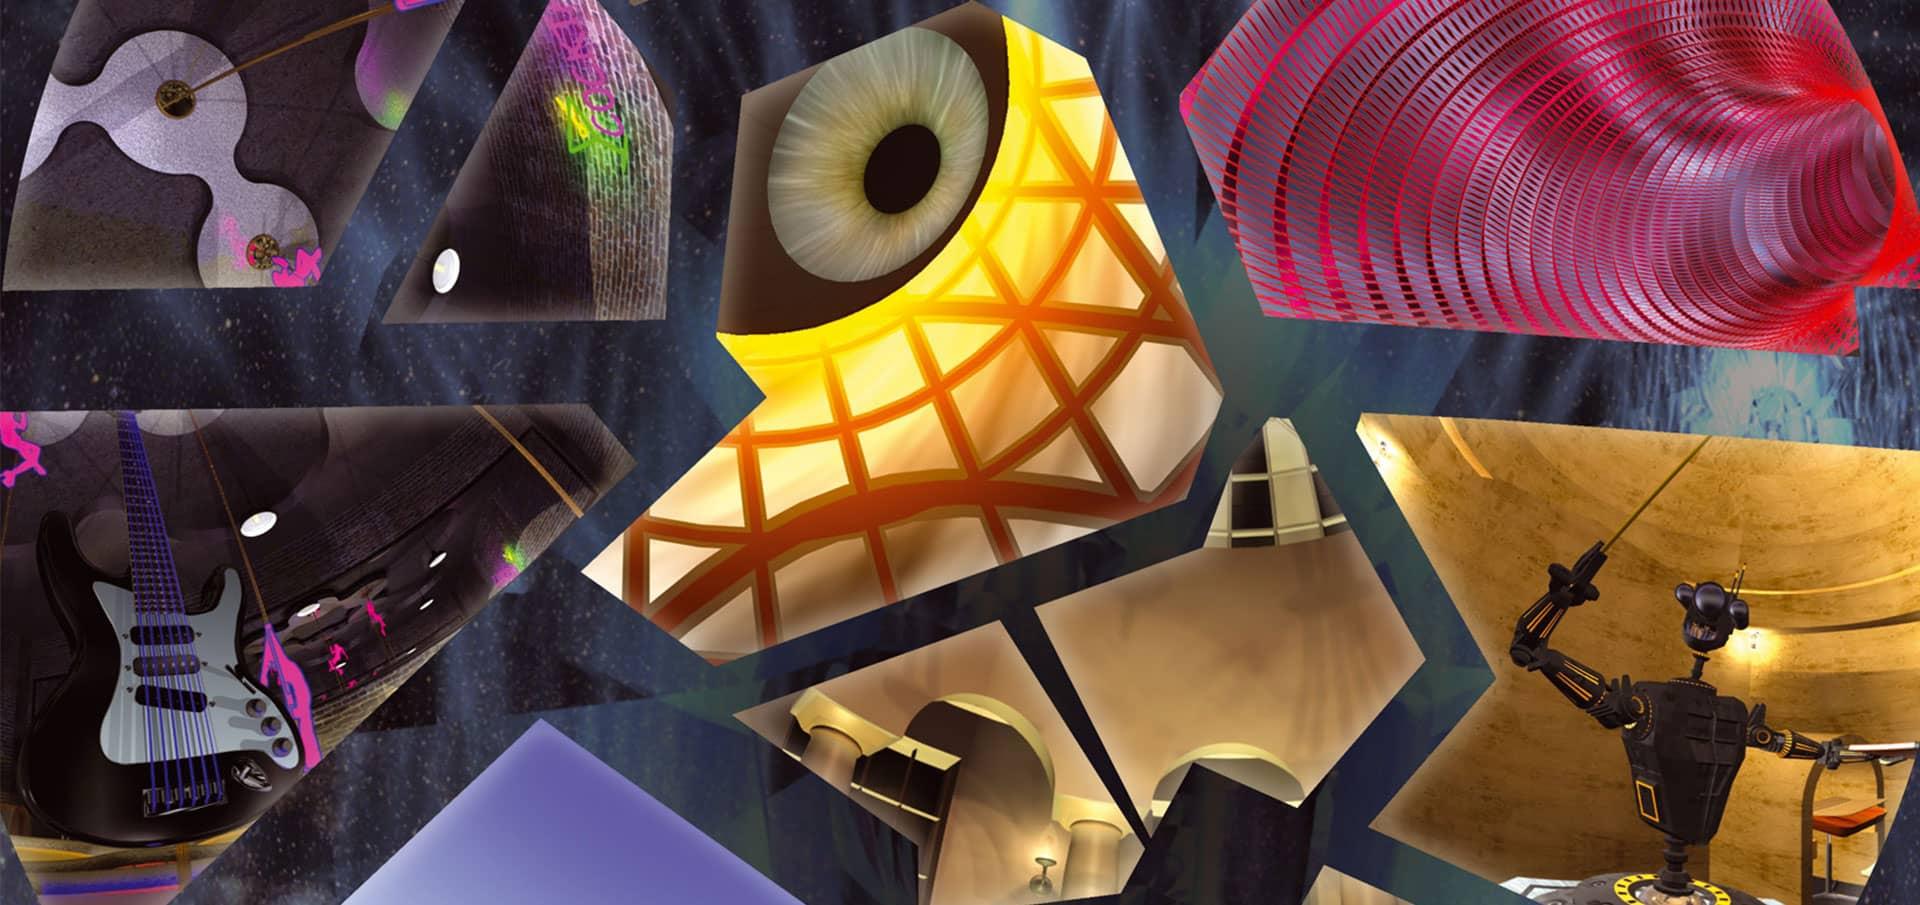 veranstaltungen von a z im planetarium hamburg. Black Bedroom Furniture Sets. Home Design Ideas